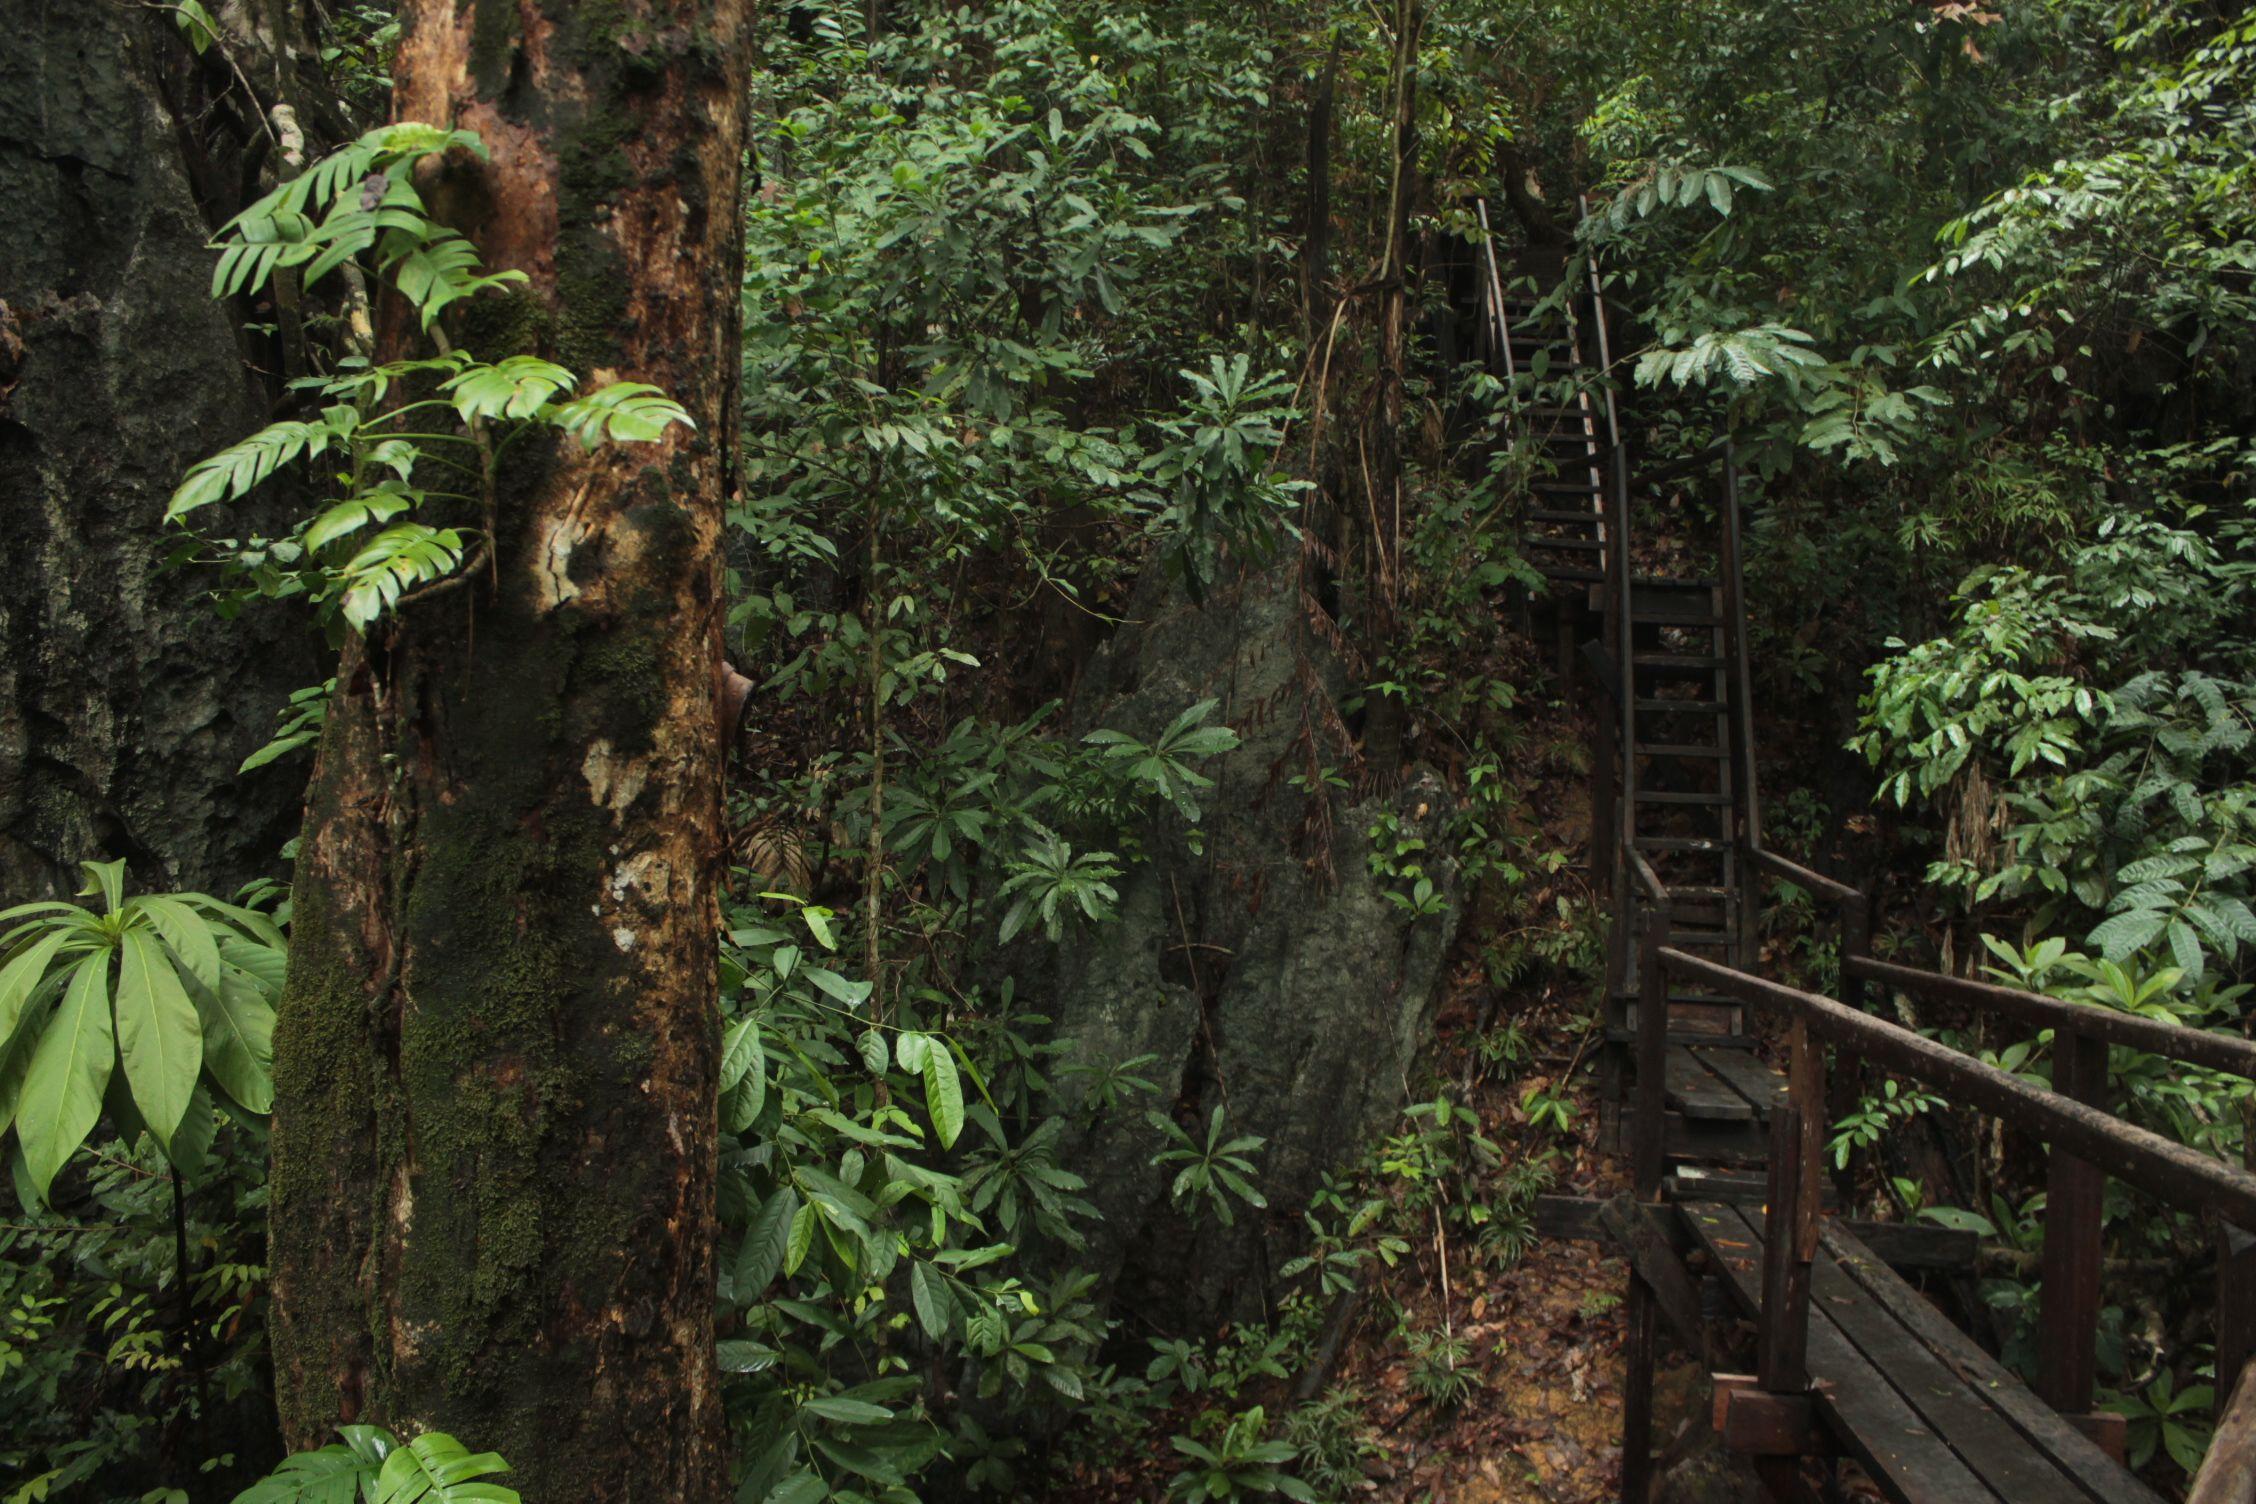 Parte del camino de la jungla en el rio Subterráneo